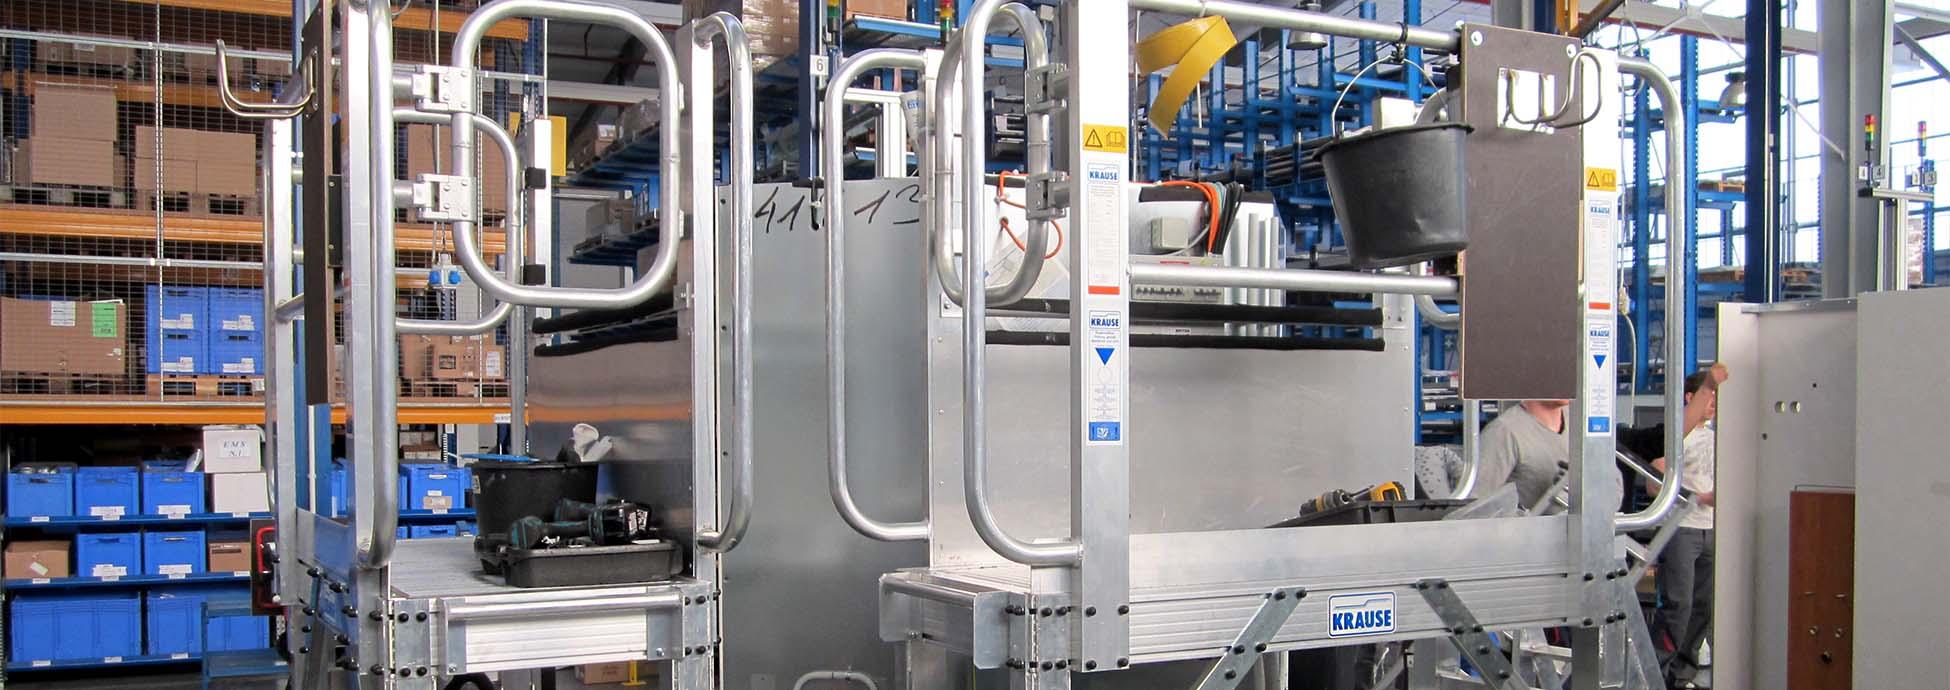 Jezdna platforma robocza z regulowaną wysokością dopasowana do ruchomej lini montażowej